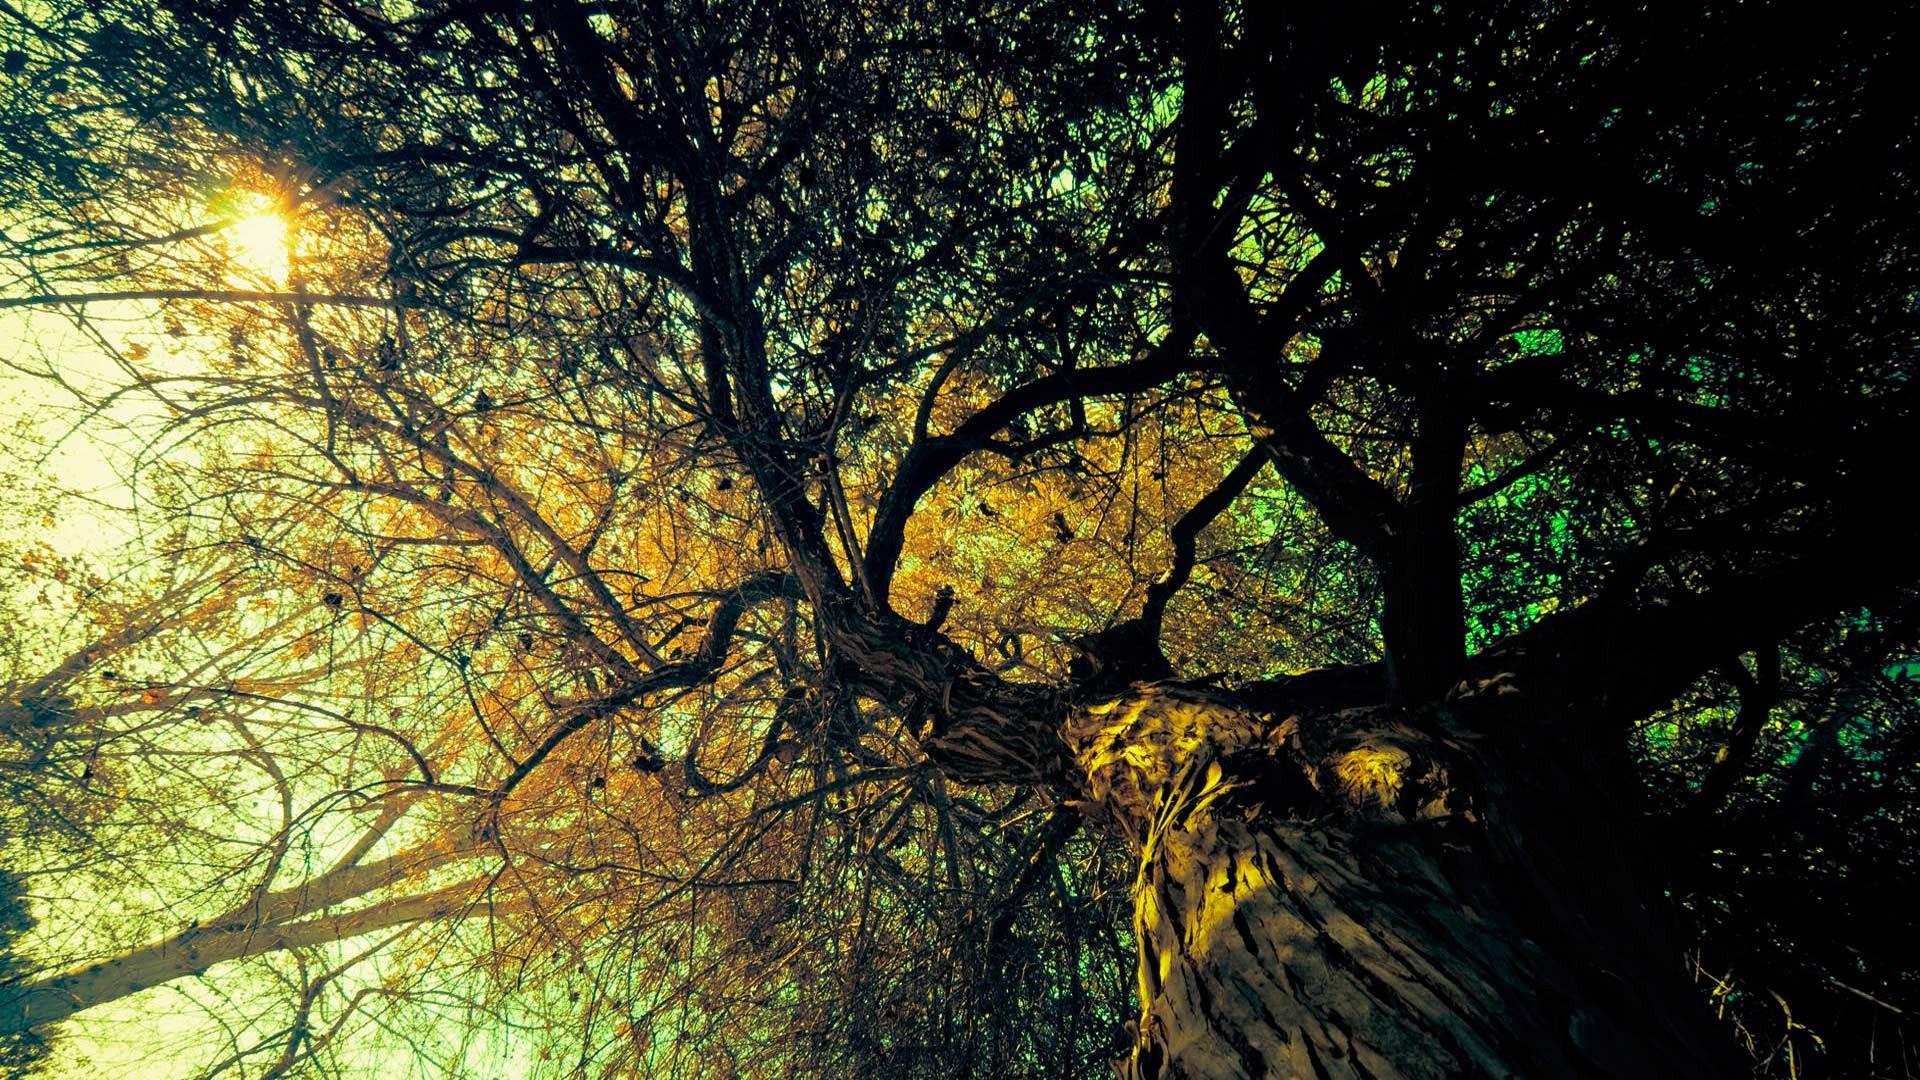 В столицеРФ бабушку придавило деревом: она получила перелом тазобедренной кости